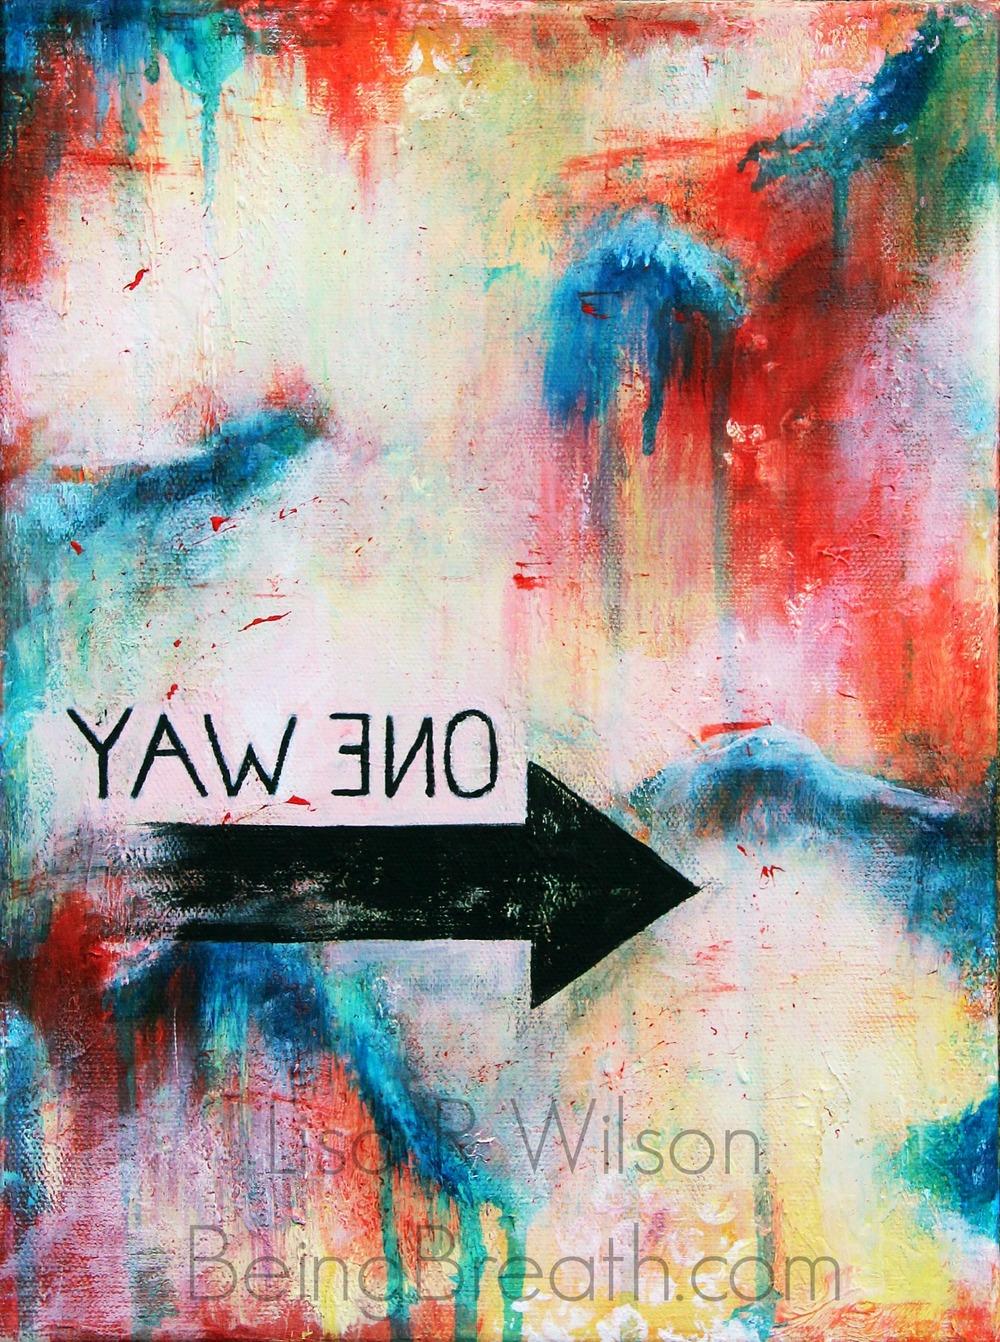 ONE WAY - Lisa Renee Wilson, BeingBreath.com, WM.jpg